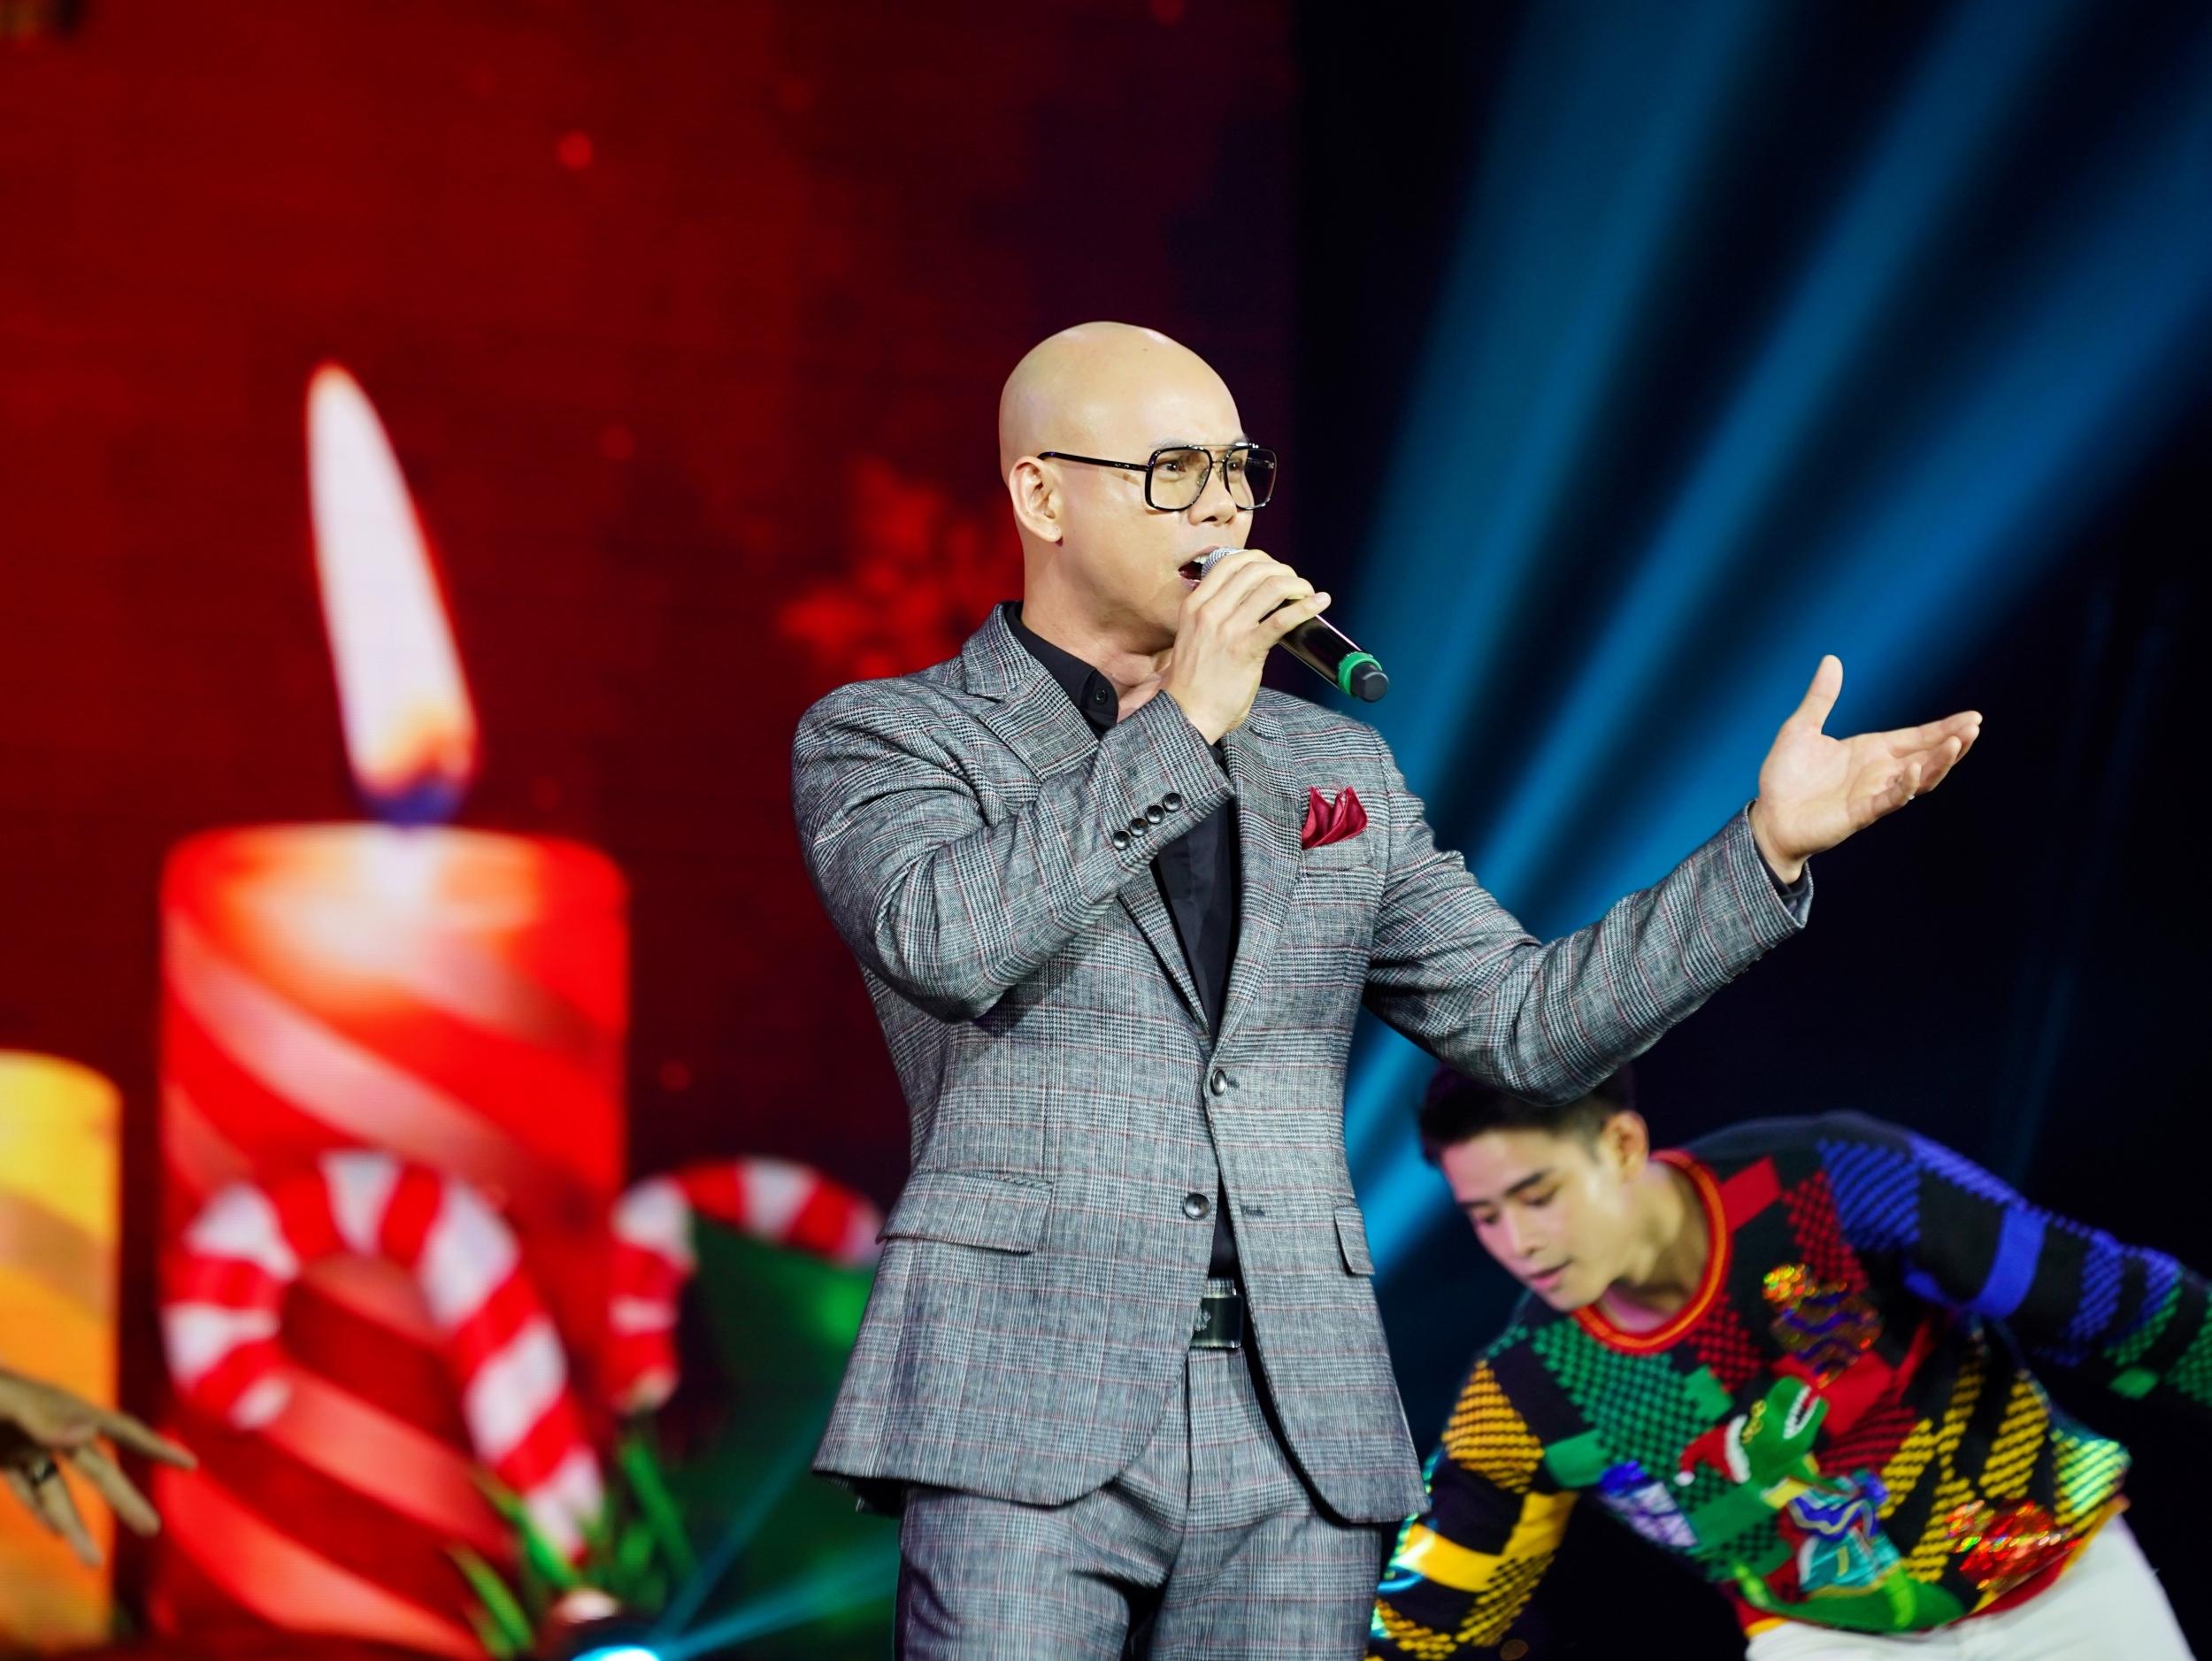 Nhiều giọng ca được yêu thích cùng góp mặt tại chương trình.